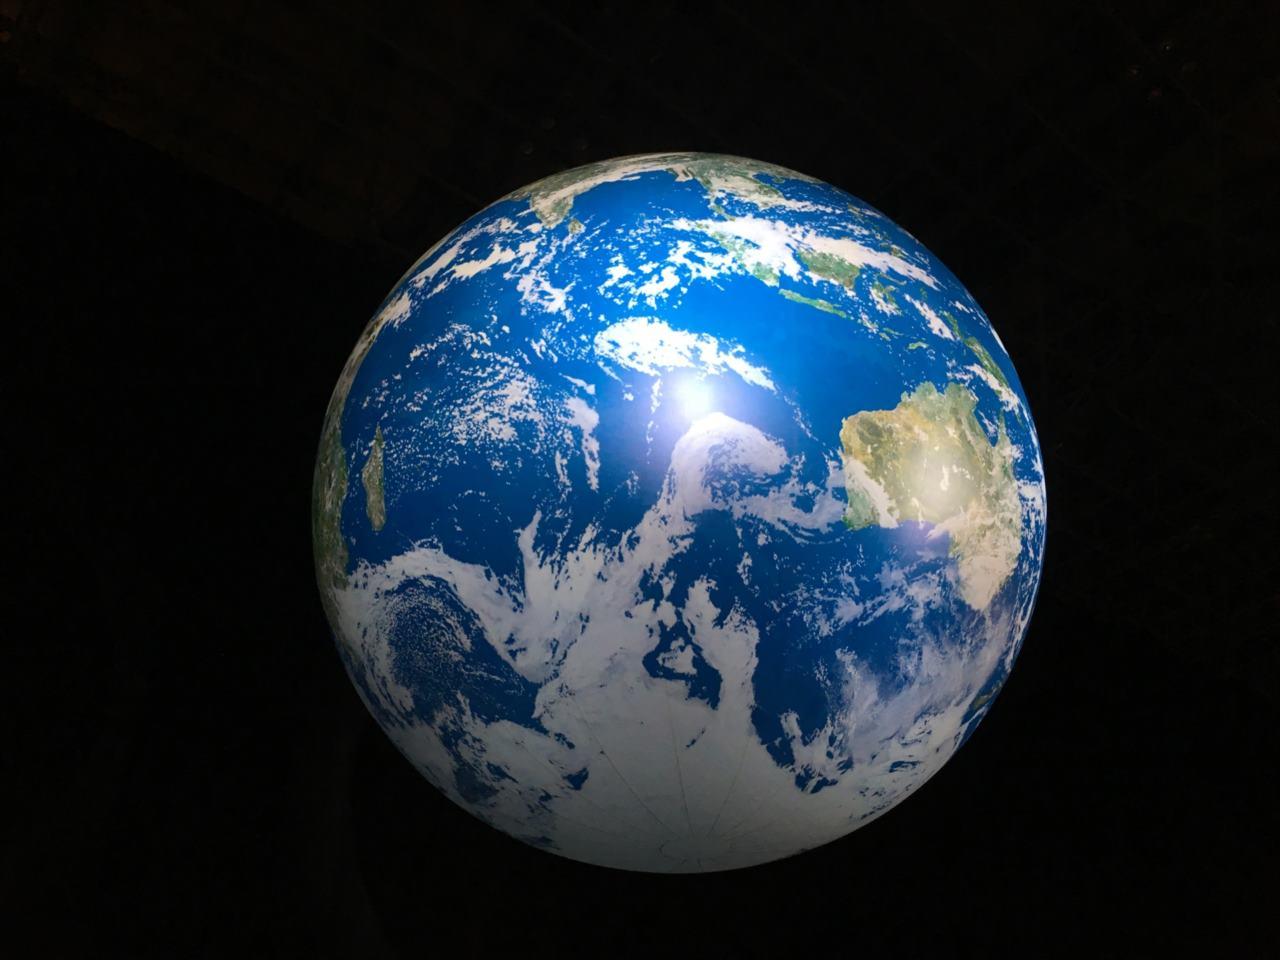 """圧倒的なスケールと美しさ・・・宇宙から見た""""地球の朝焼け空""""が素晴らしいと話題に!"""